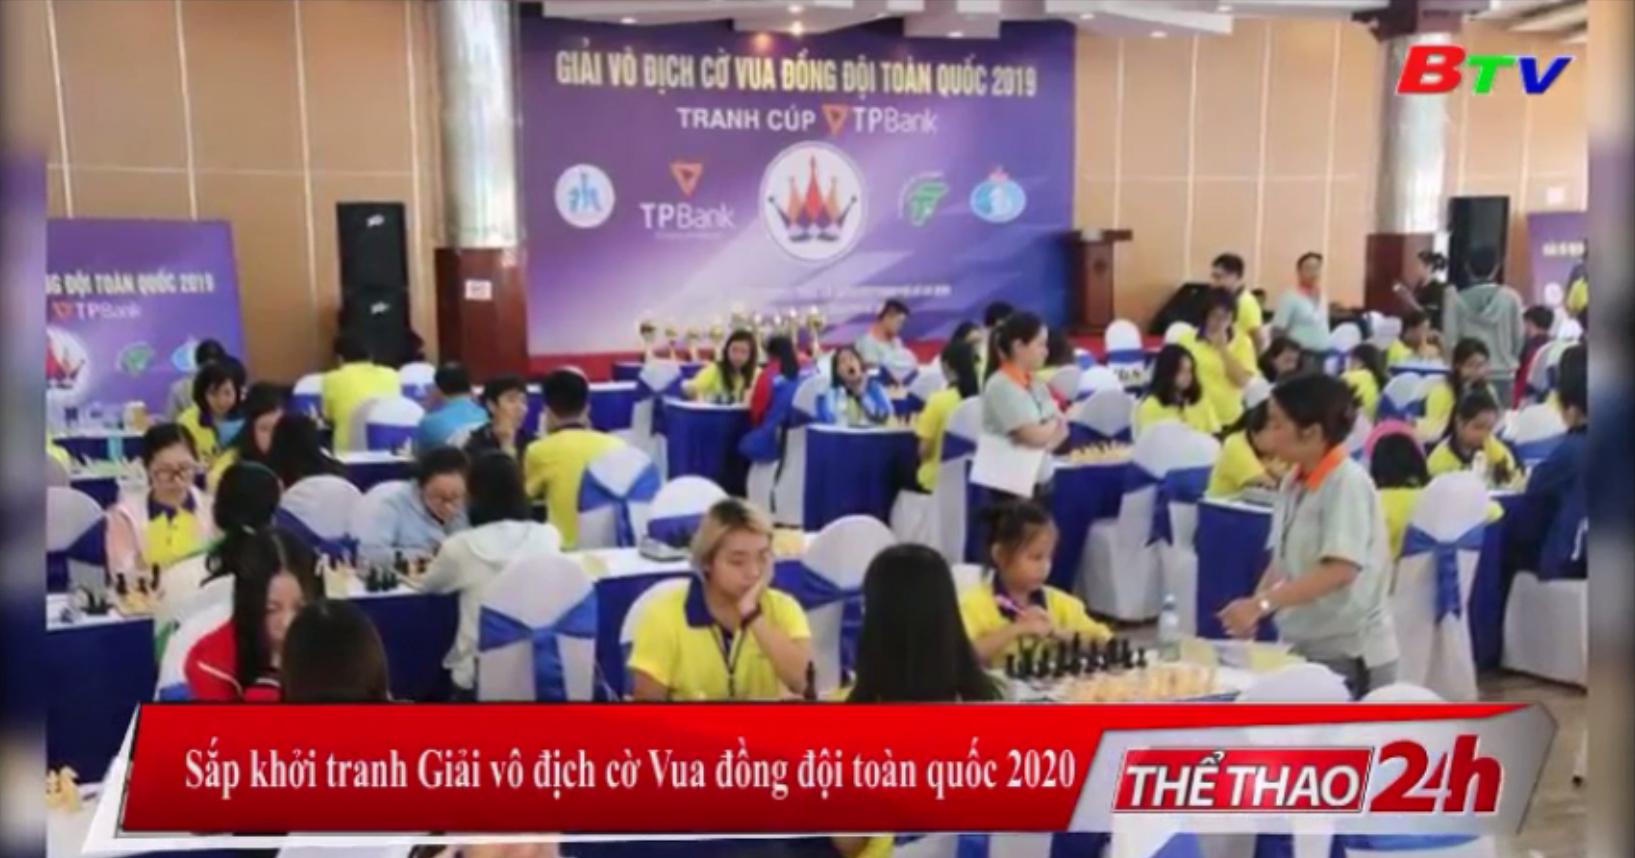 Sắp khởi tranh Giải vô địch cờ Vua đồng đội toàn quốc 2020